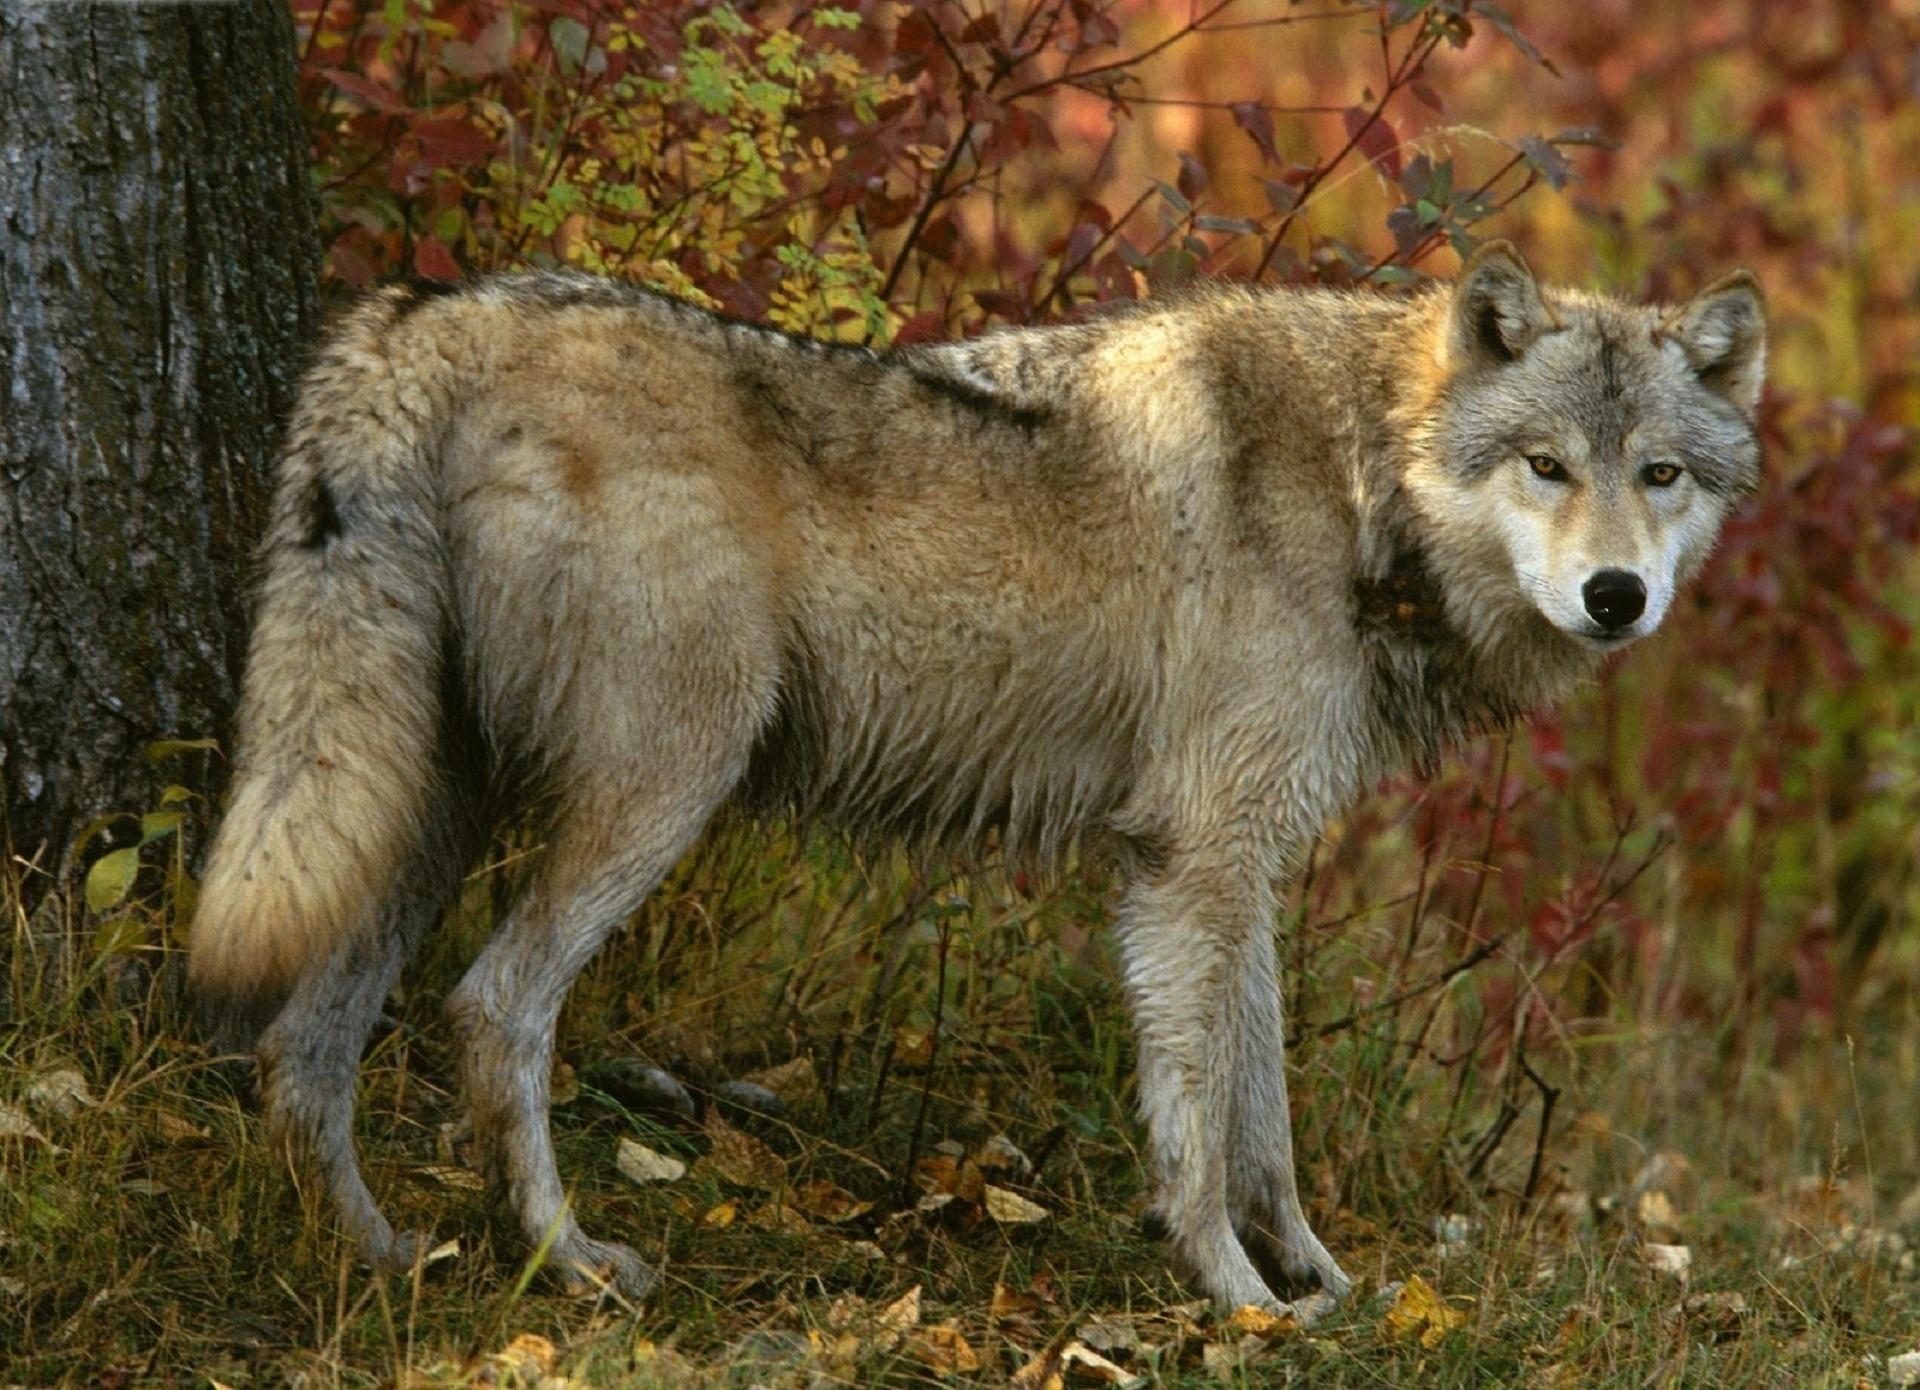 131159 papel de parede 720x1280 em seu telefone gratuitamente, baixe imagens Animais, Outono, Madeira, Floresta, Árvore, Predator, Predador, Lobo 720x1280 em seu celular